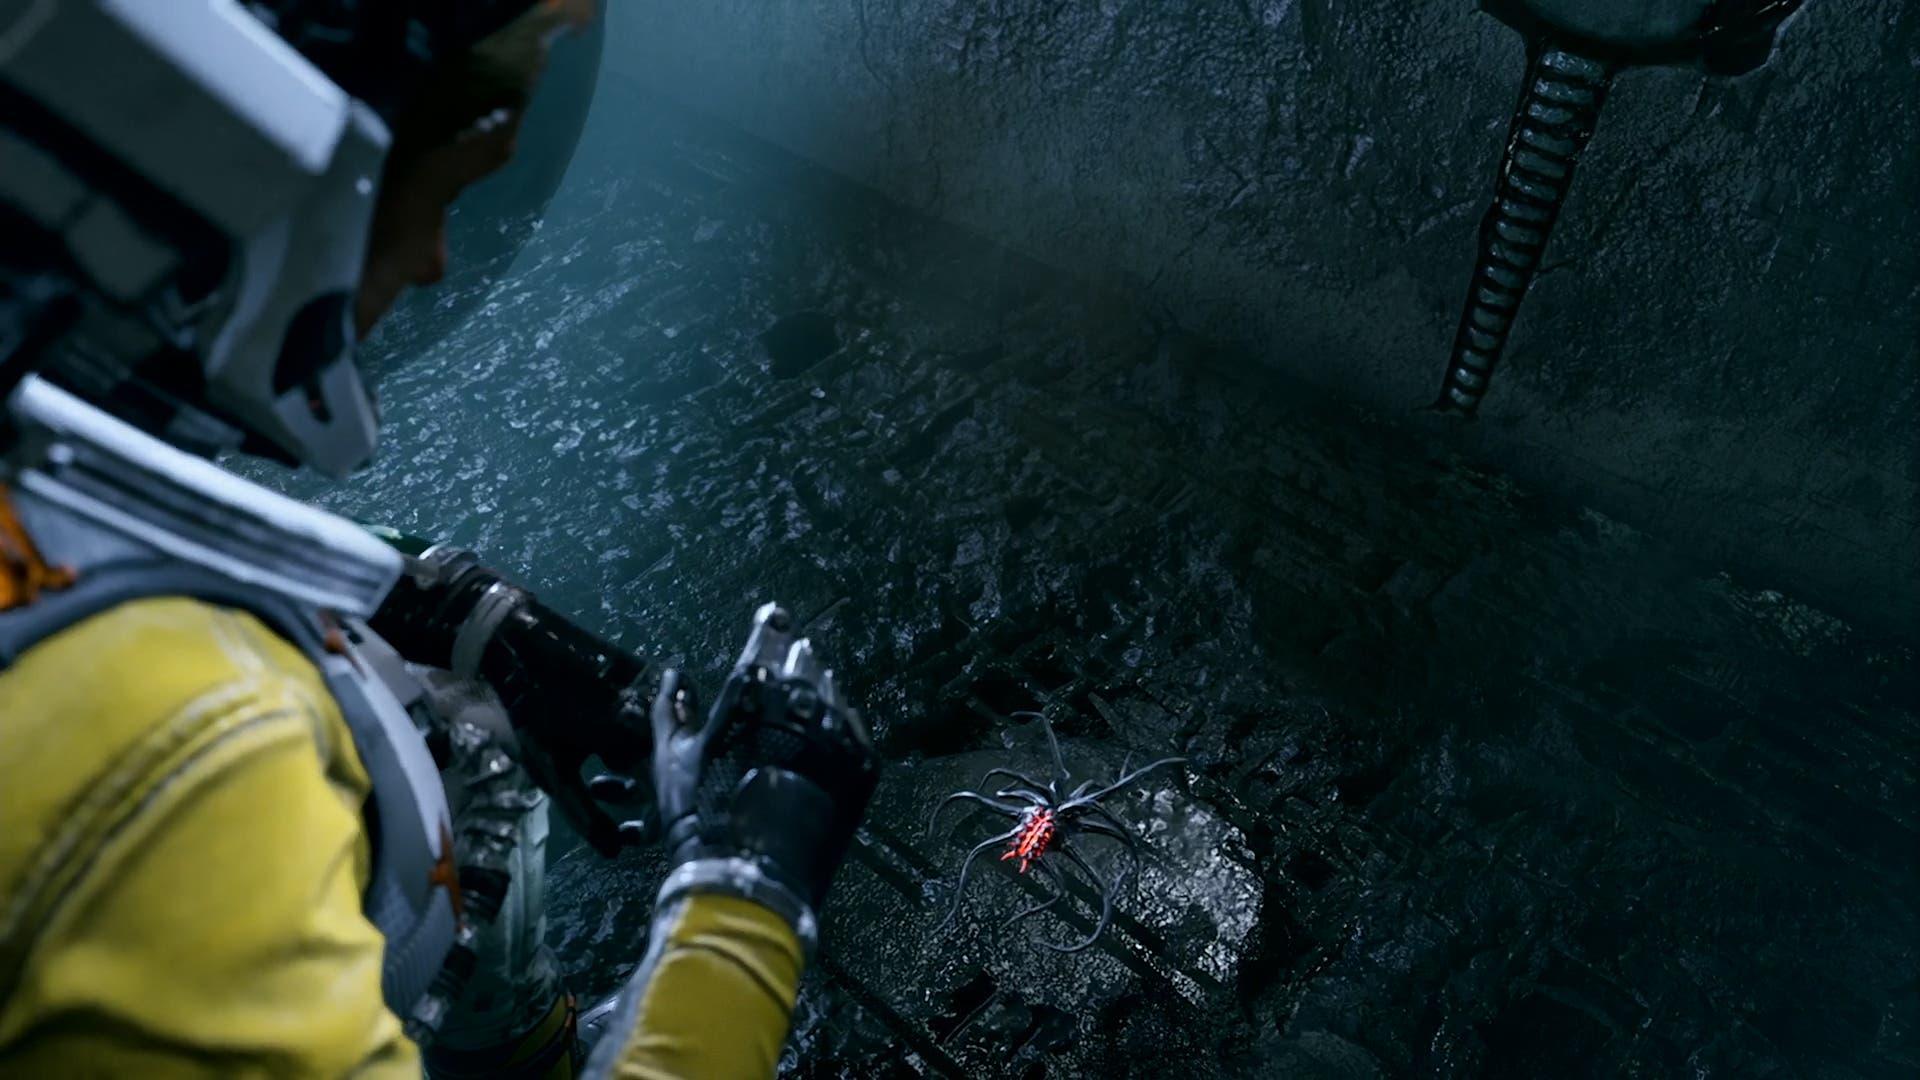 Anunciado Returnal, una nueva franquicia para PS5 de los creadores de Stormdivers